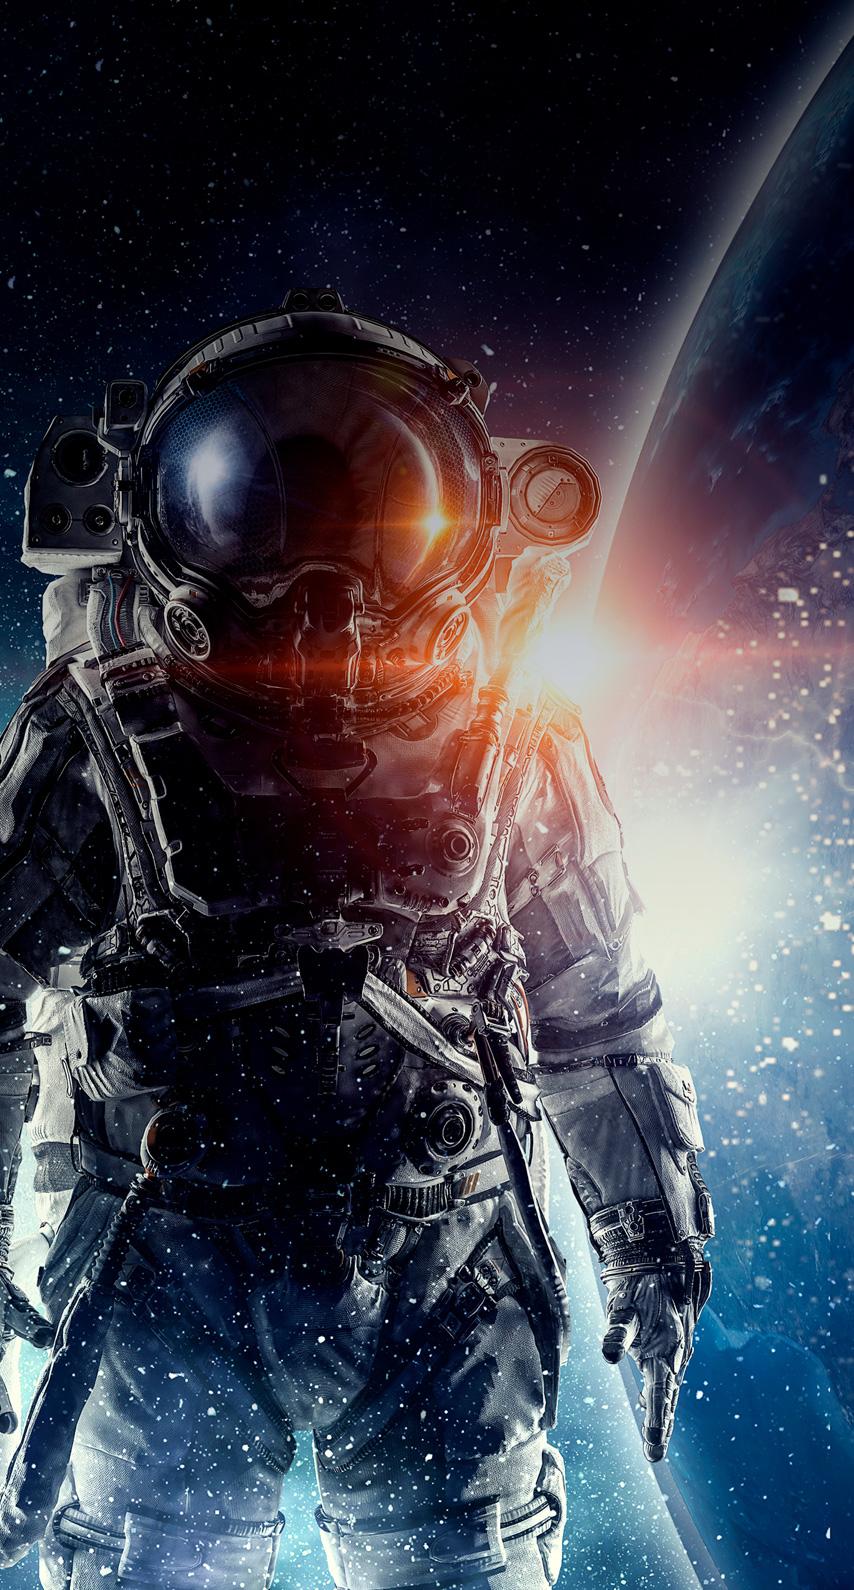 extraterrestrial being, spaceship